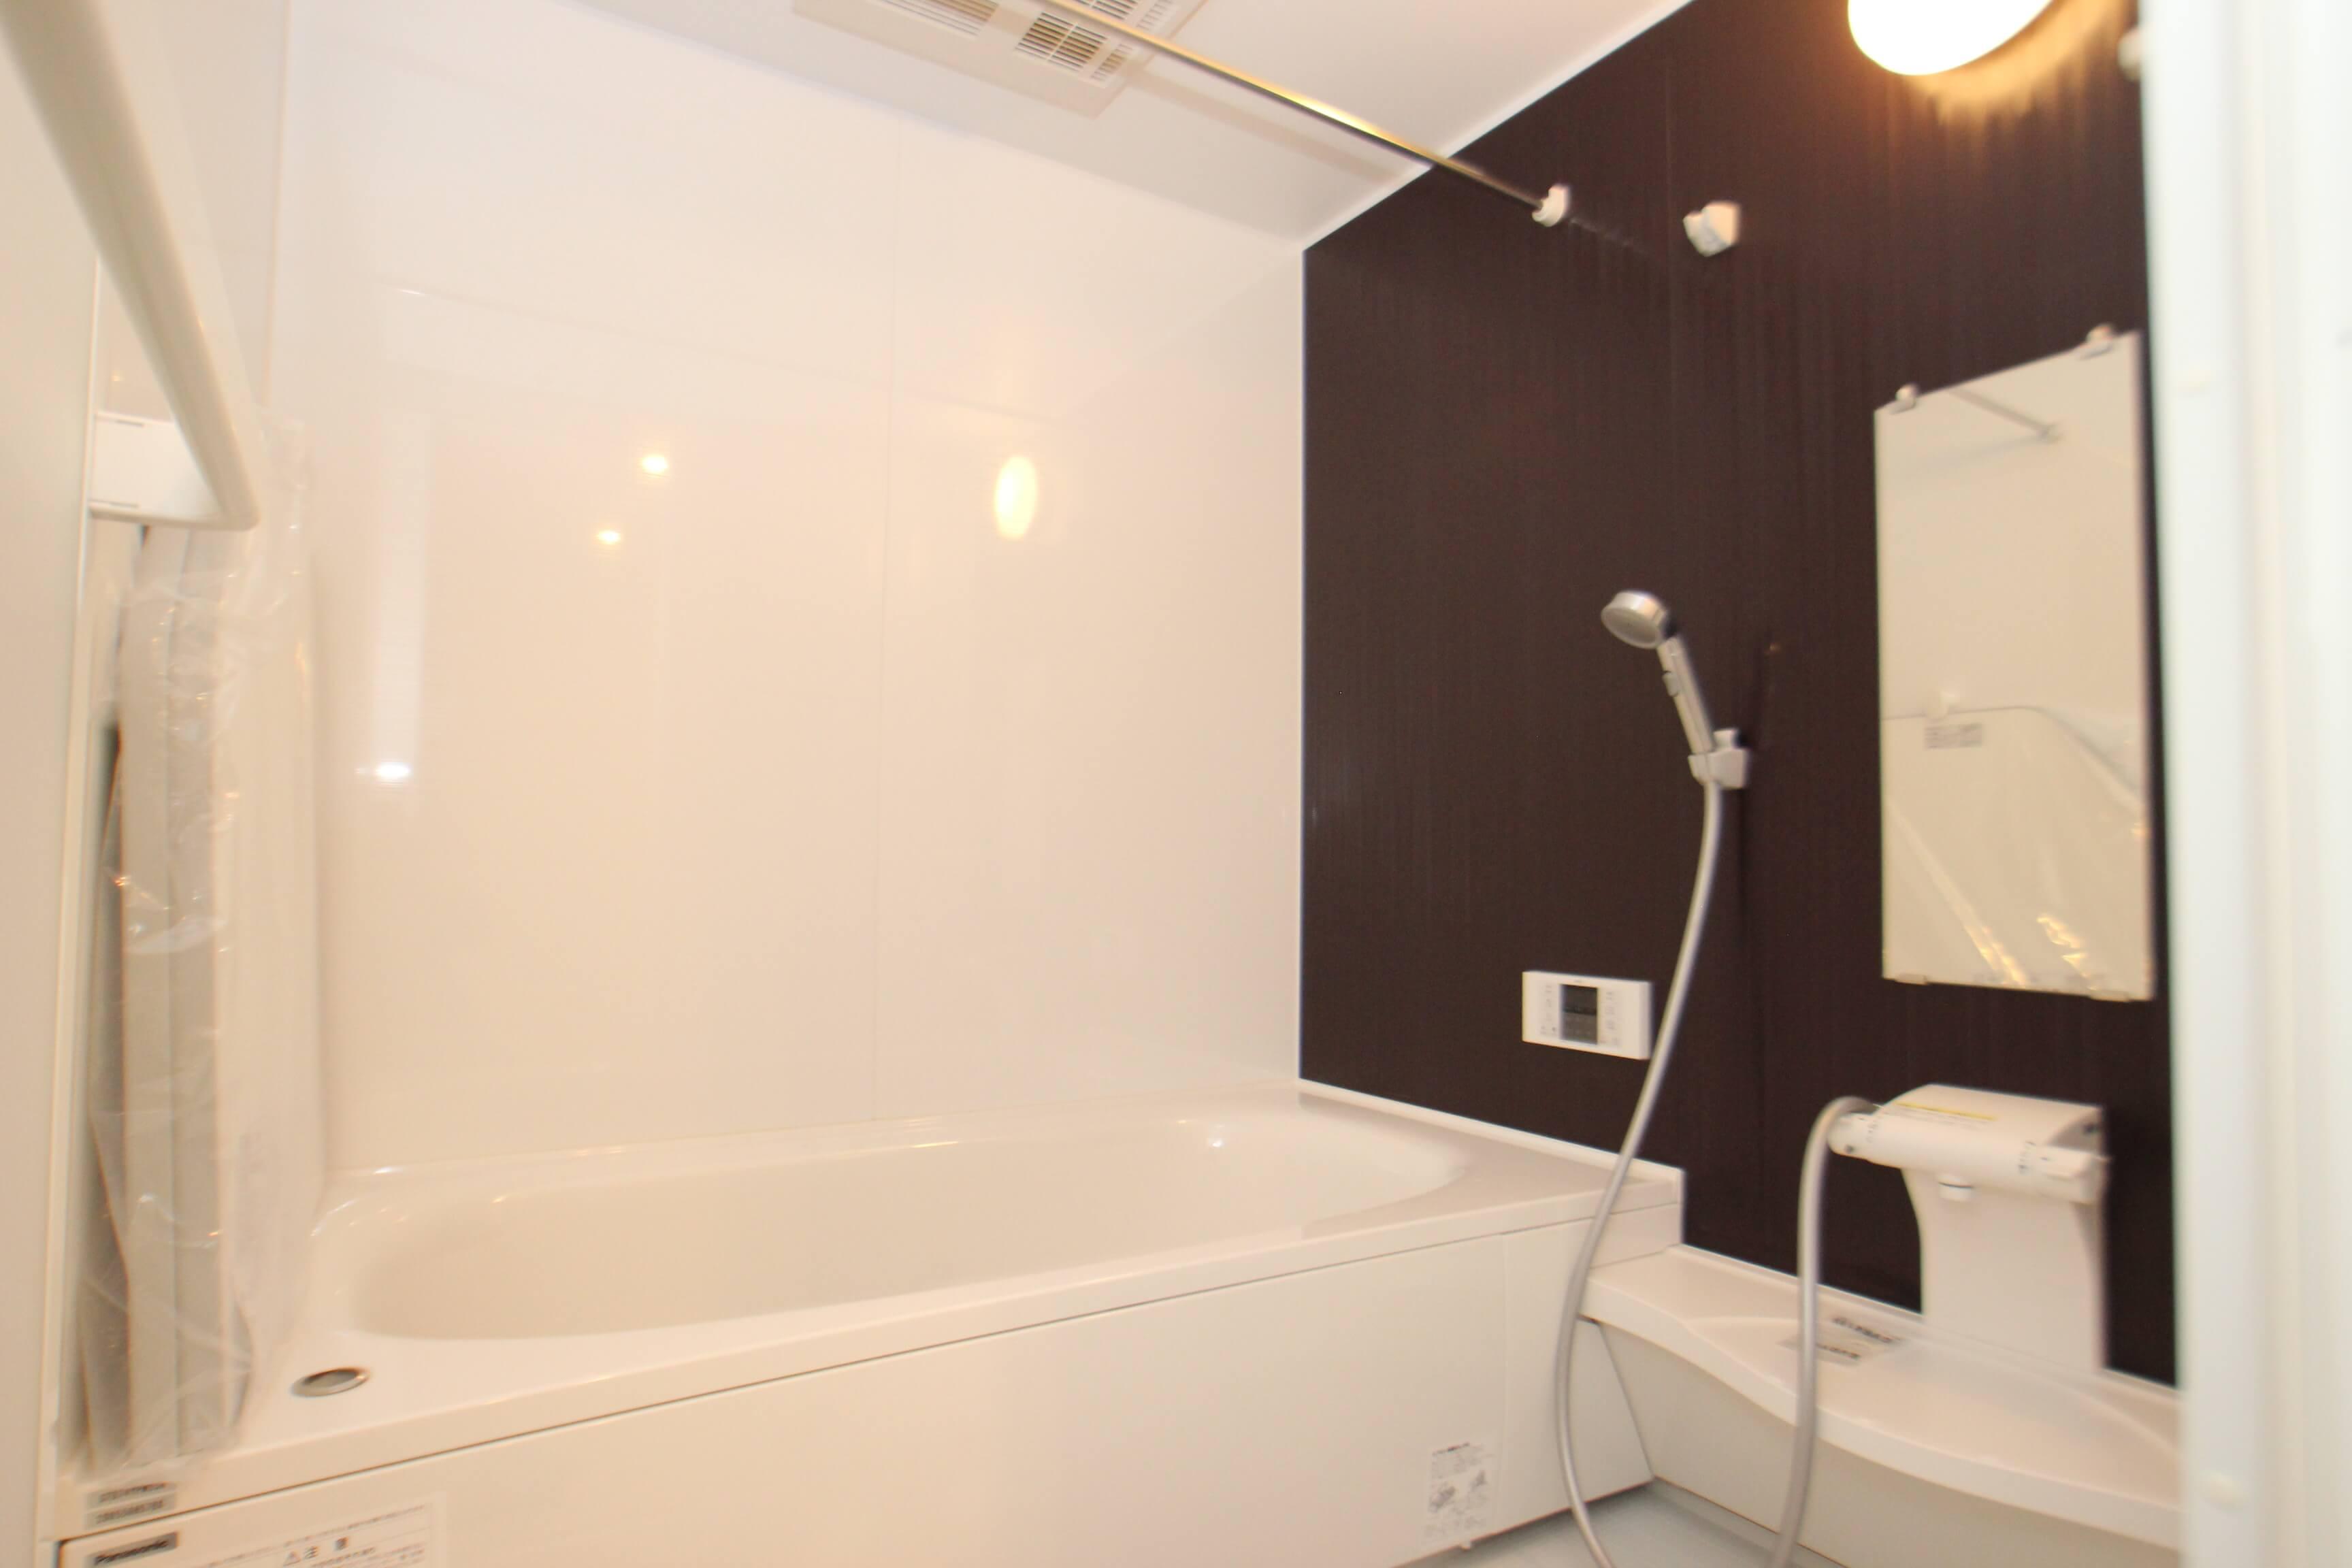 お風呂も広めですよ〜。 追い焚き機能あり・浴室乾燥機もついてます。